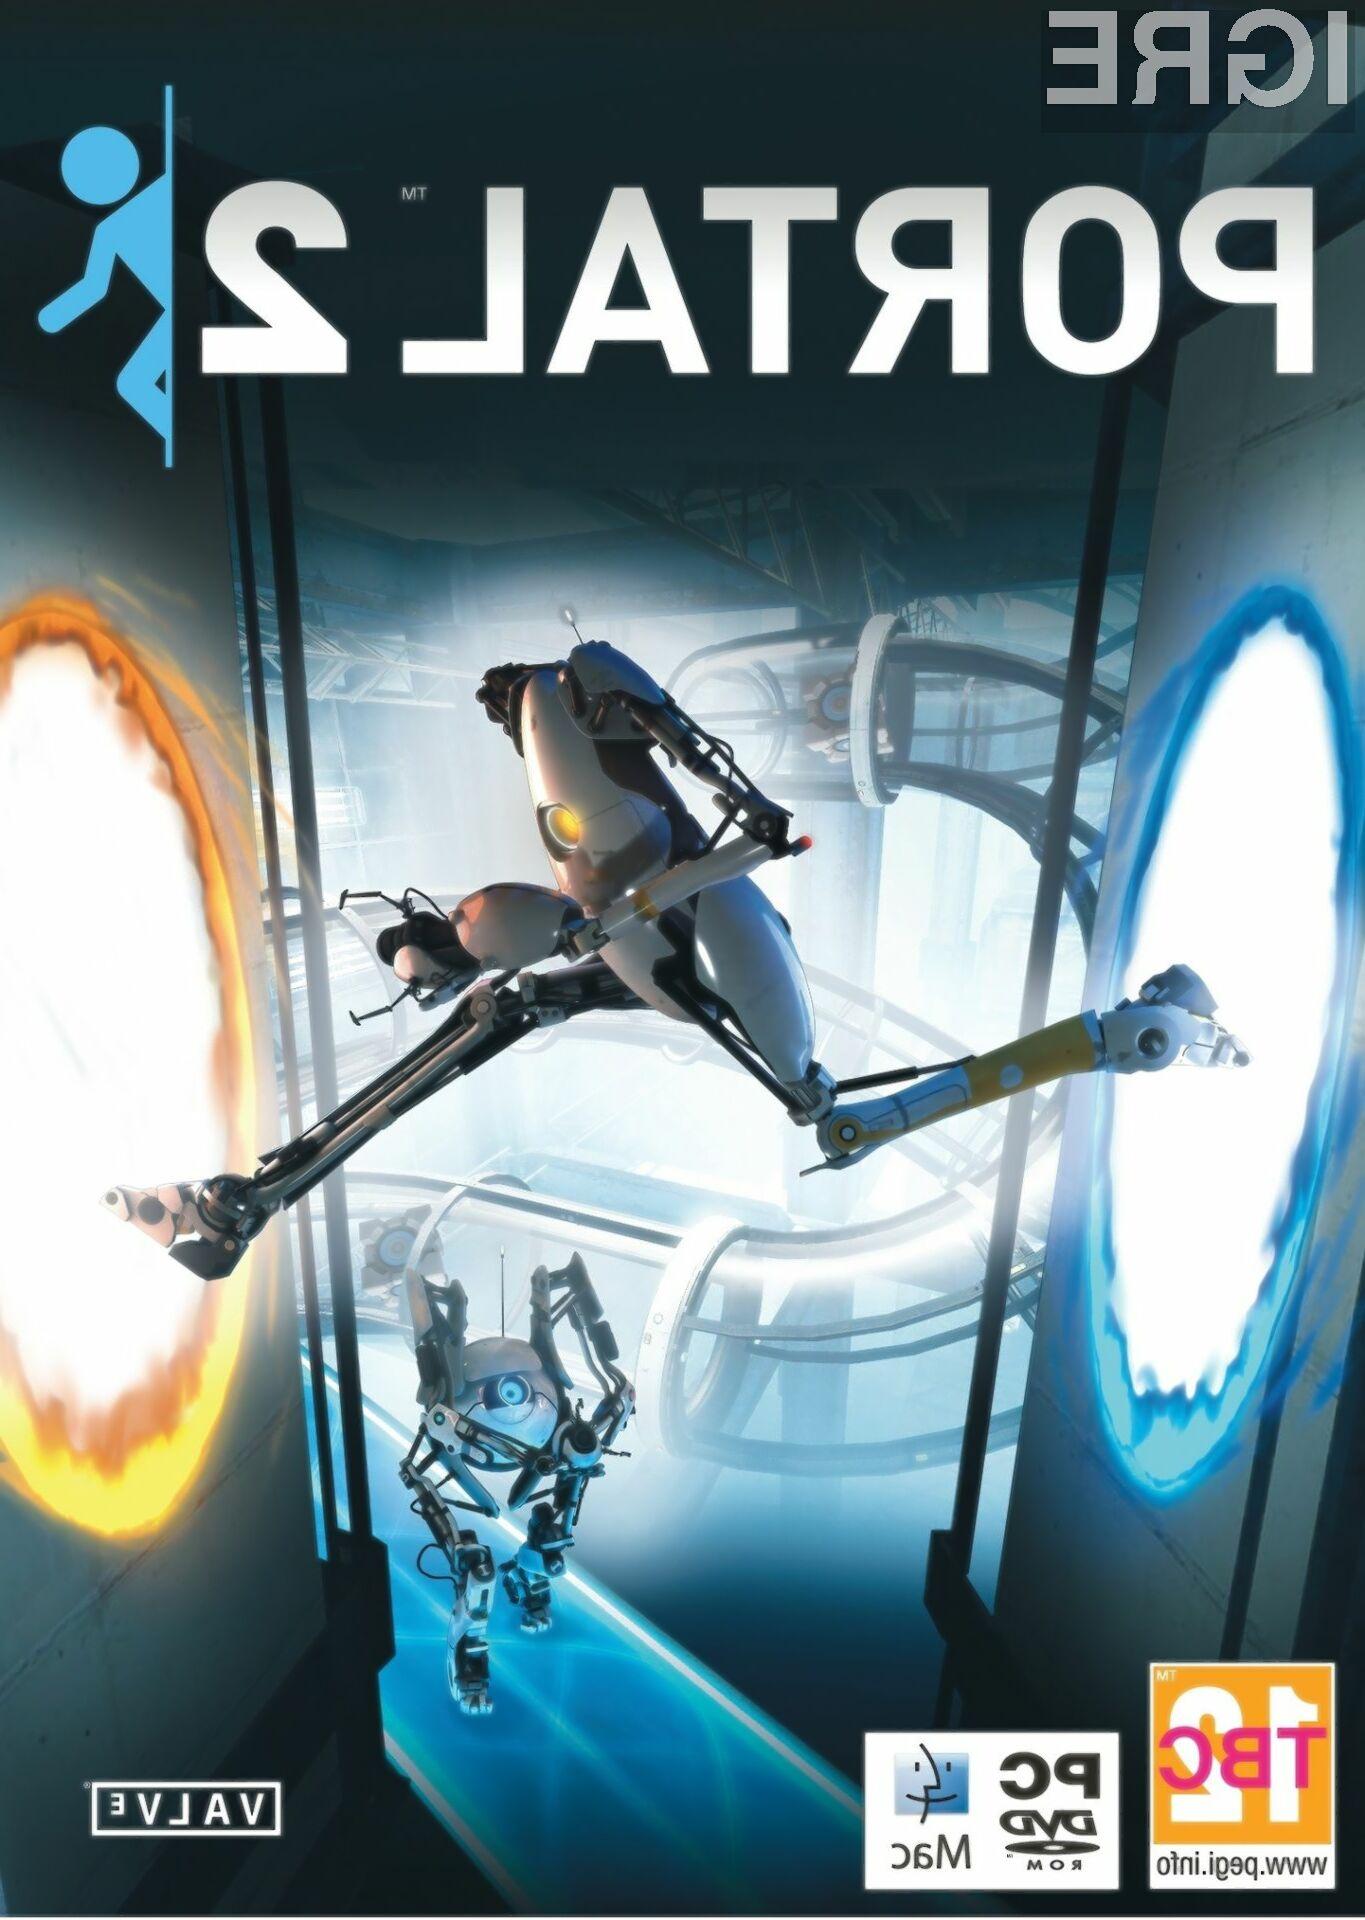 Nabrusite možgane, tukaj je Portal 2.